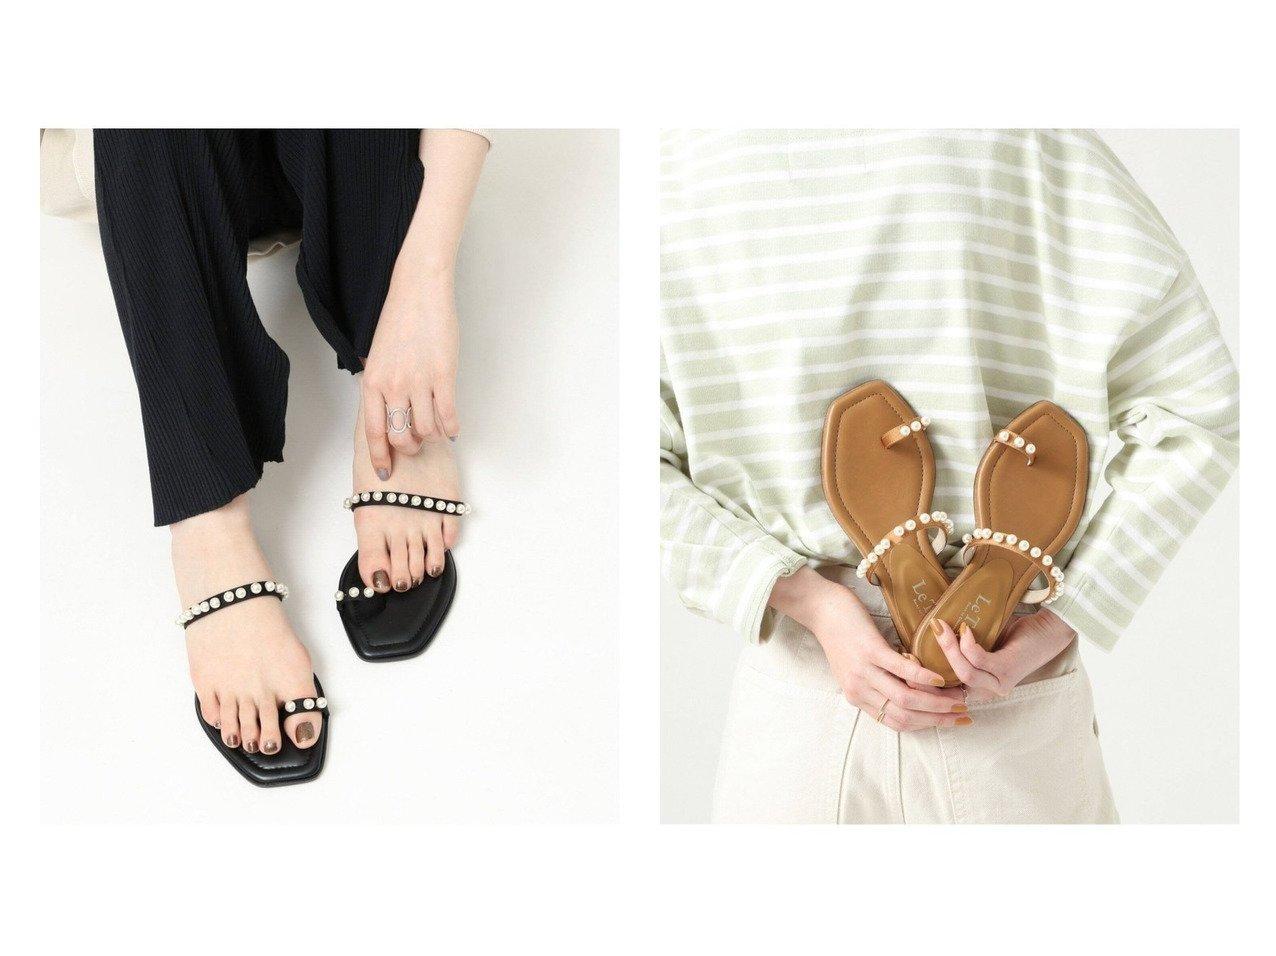 【Le Talon/ル タロン】のスクエアパールトングサンダル 【シューズ・靴】おすすめ!人気、トレンド・レディースファッションの通販 おすすめで人気の流行・トレンド、ファッションの通販商品 インテリア・家具・メンズファッション・キッズファッション・レディースファッション・服の通販 founy(ファニー) https://founy.com/ ファッション Fashion レディースファッション WOMEN クッション サンダル シューズ シンプル 人気 パール フィット フェミニン フラット ミュール ラップ 2021年 2021 S/S・春夏 SS・Spring/Summer 2021春夏・S/S SS/Spring/Summer/2021 おすすめ Recommend |ID:crp329100000049427